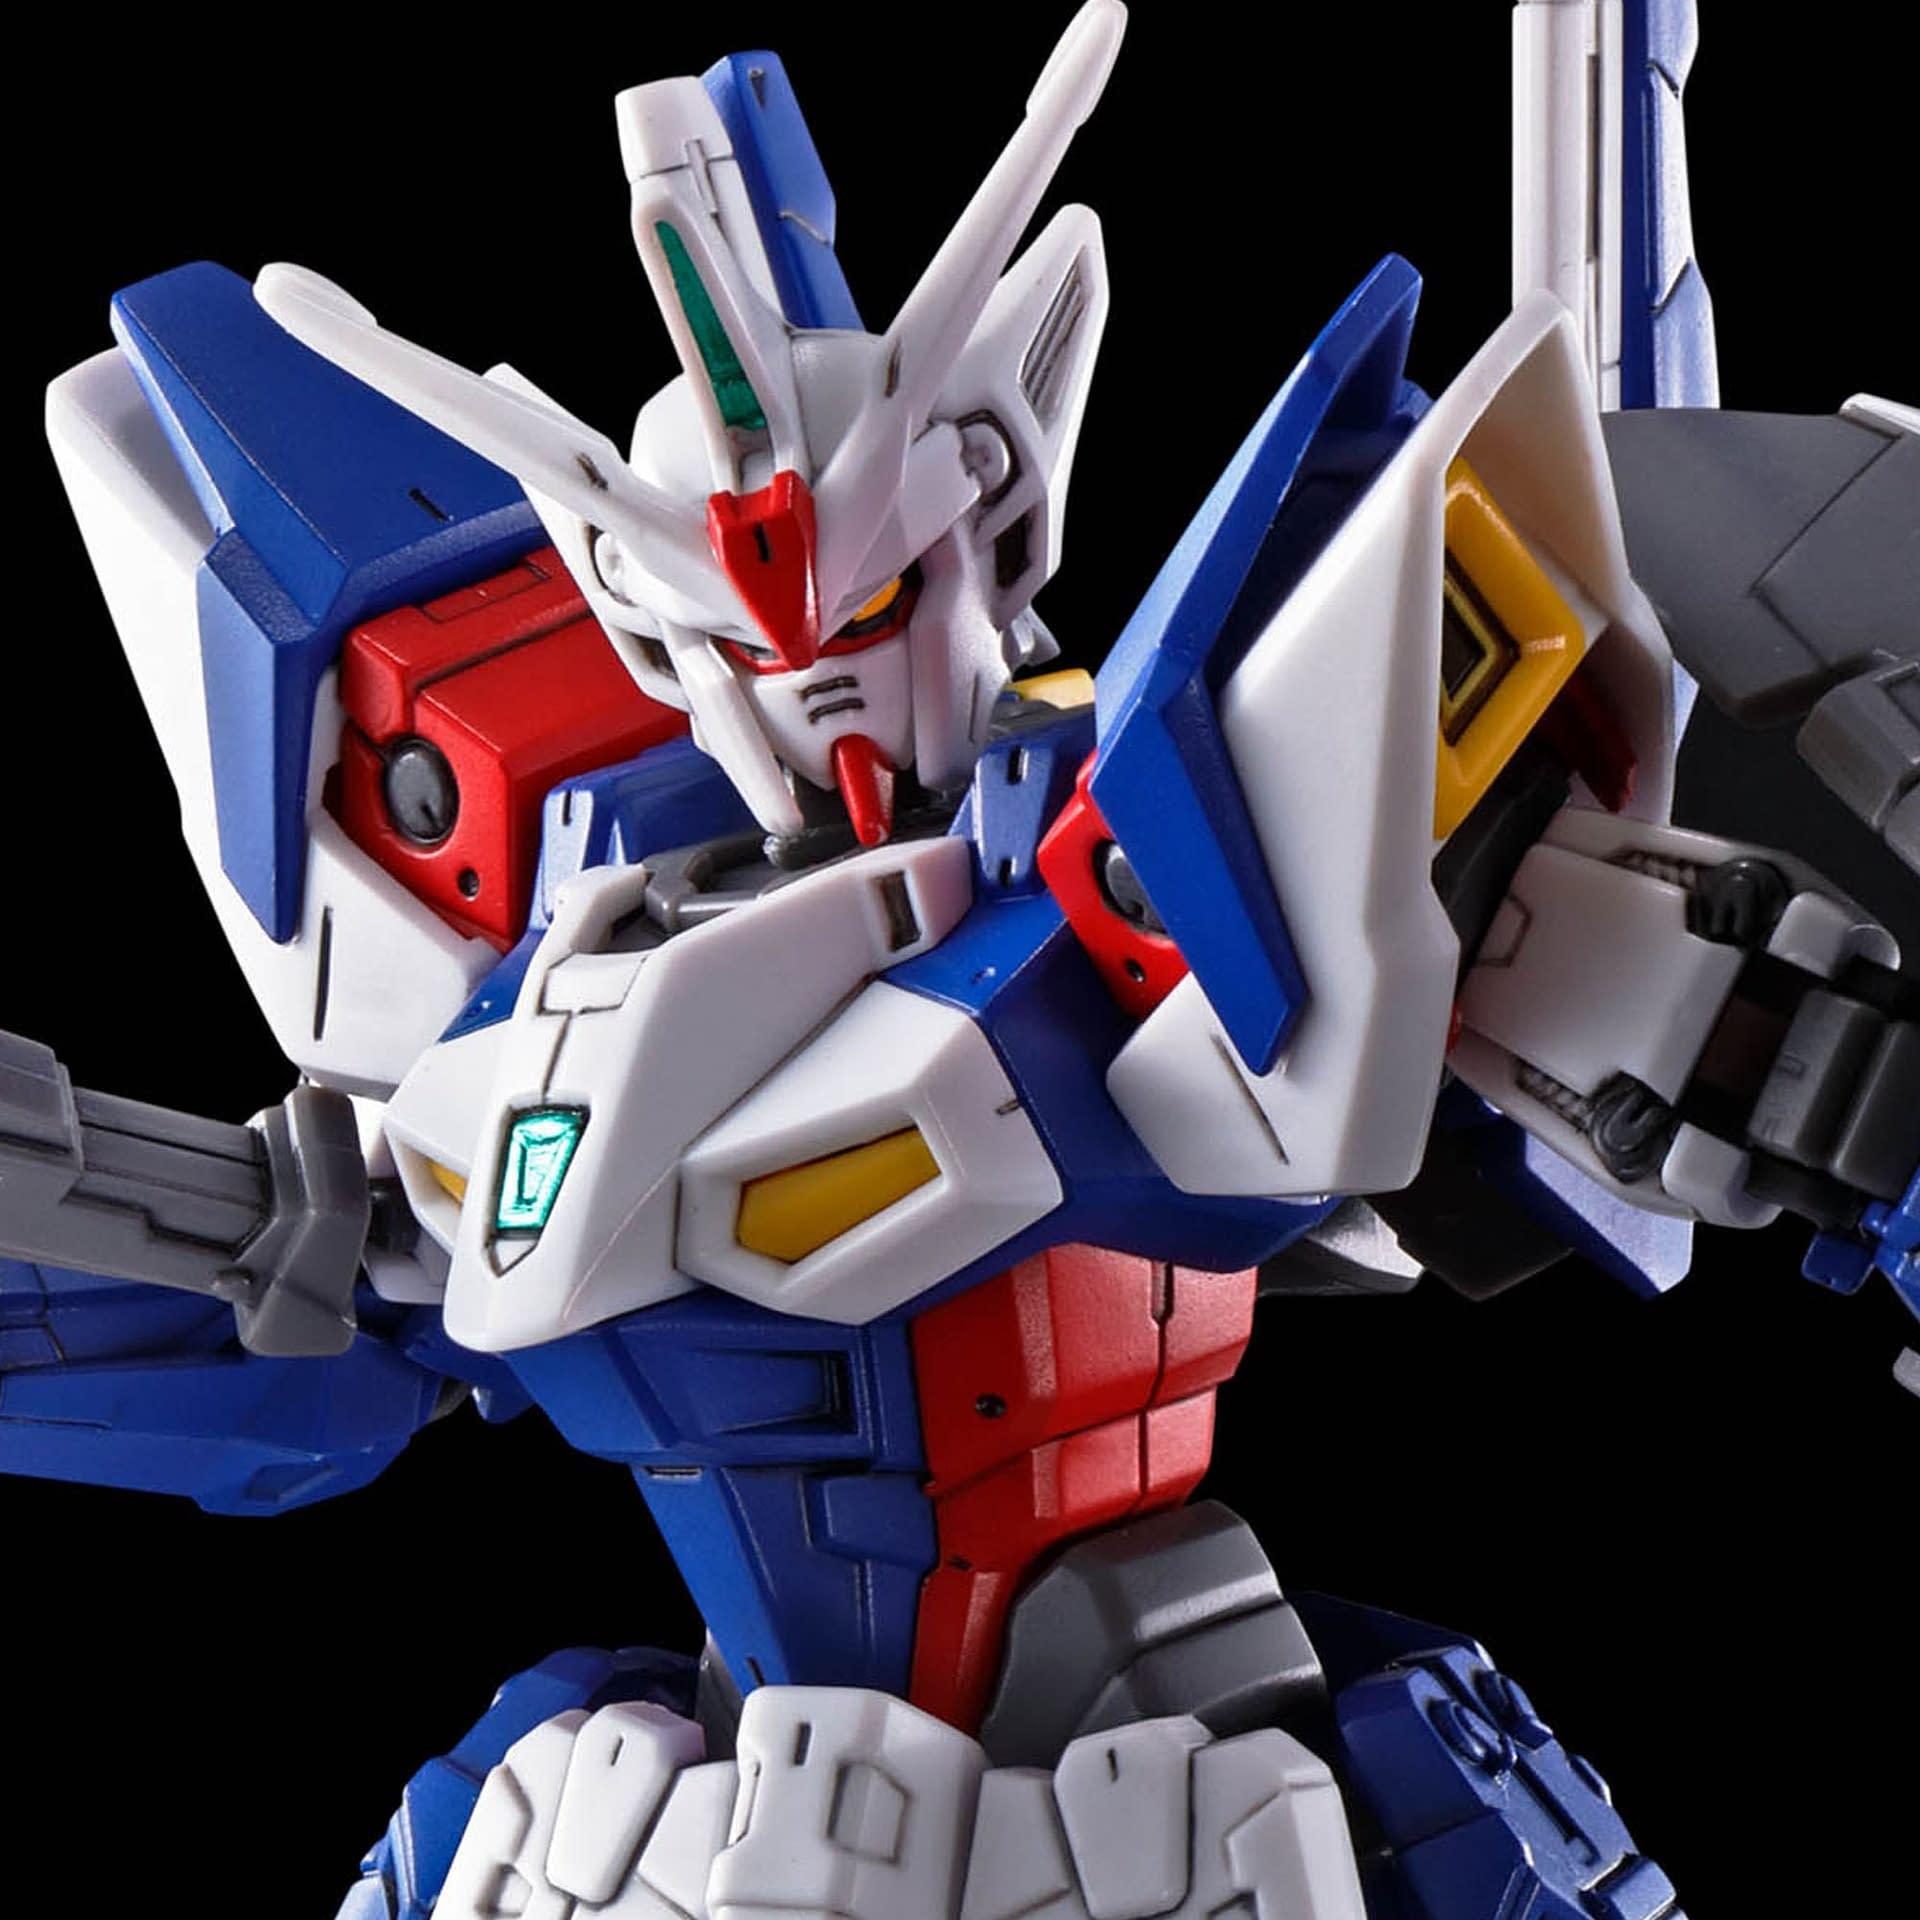 HG_1144_Gundam_Geminass